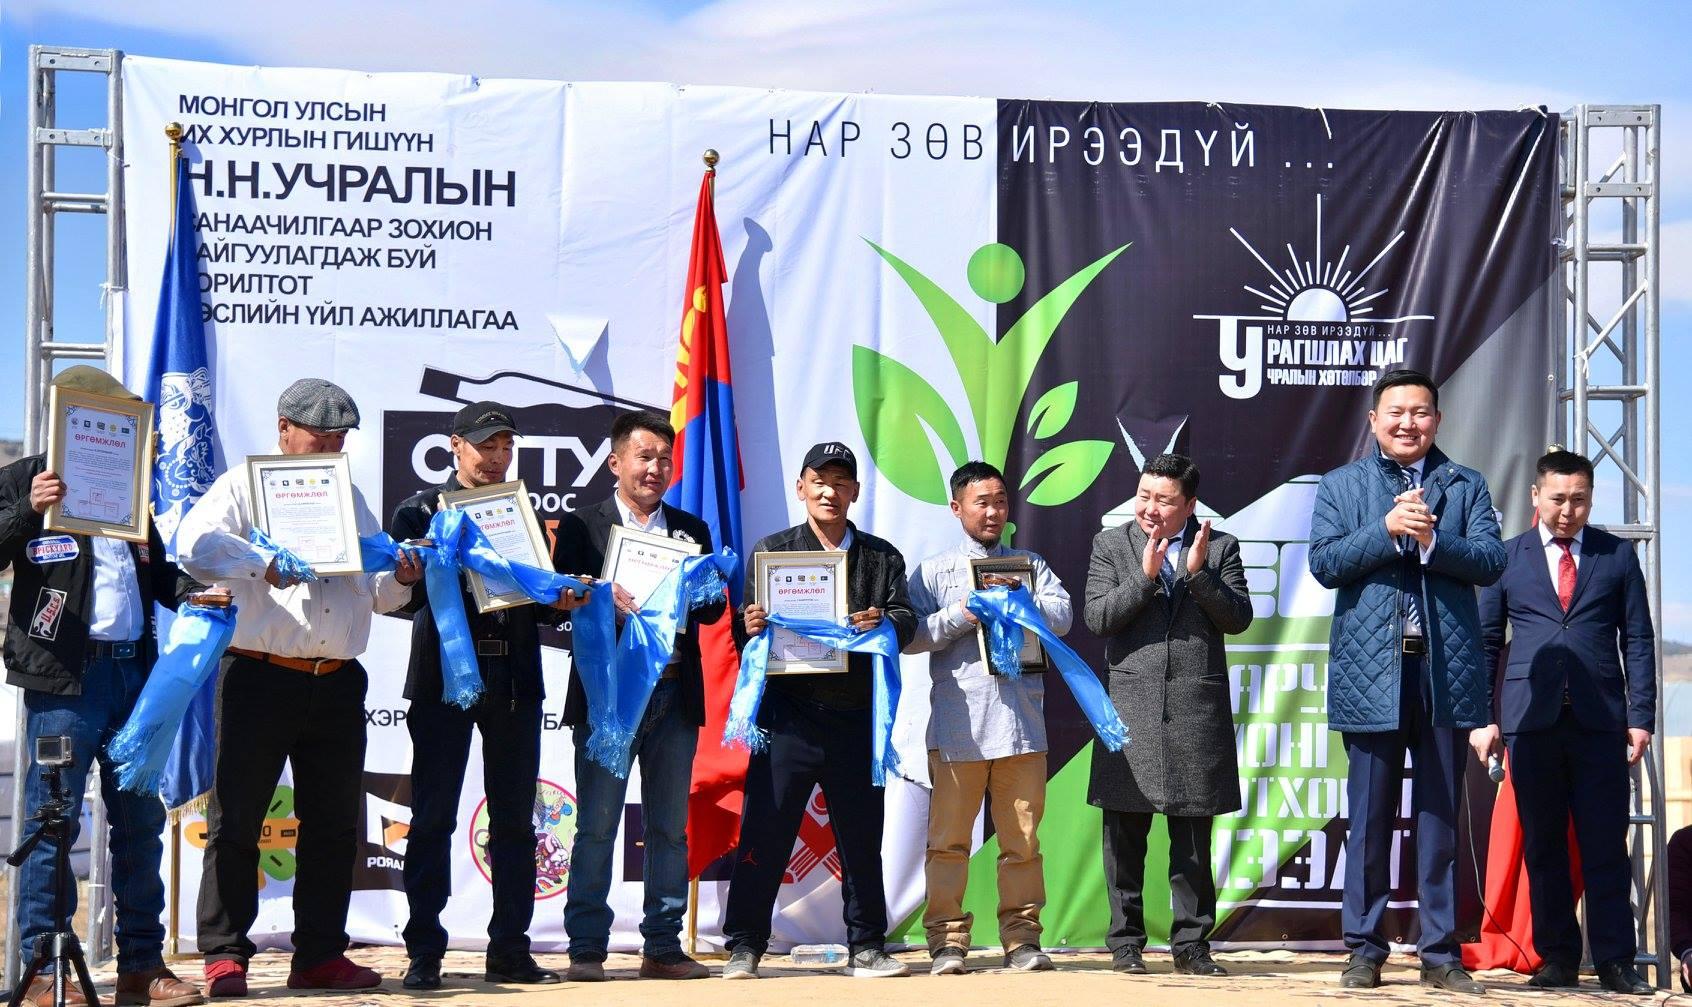 """Сонгинохайрхан дүүрэгт """"Саруул Монгол"""" хотхон нээлтээ хийлээ"""